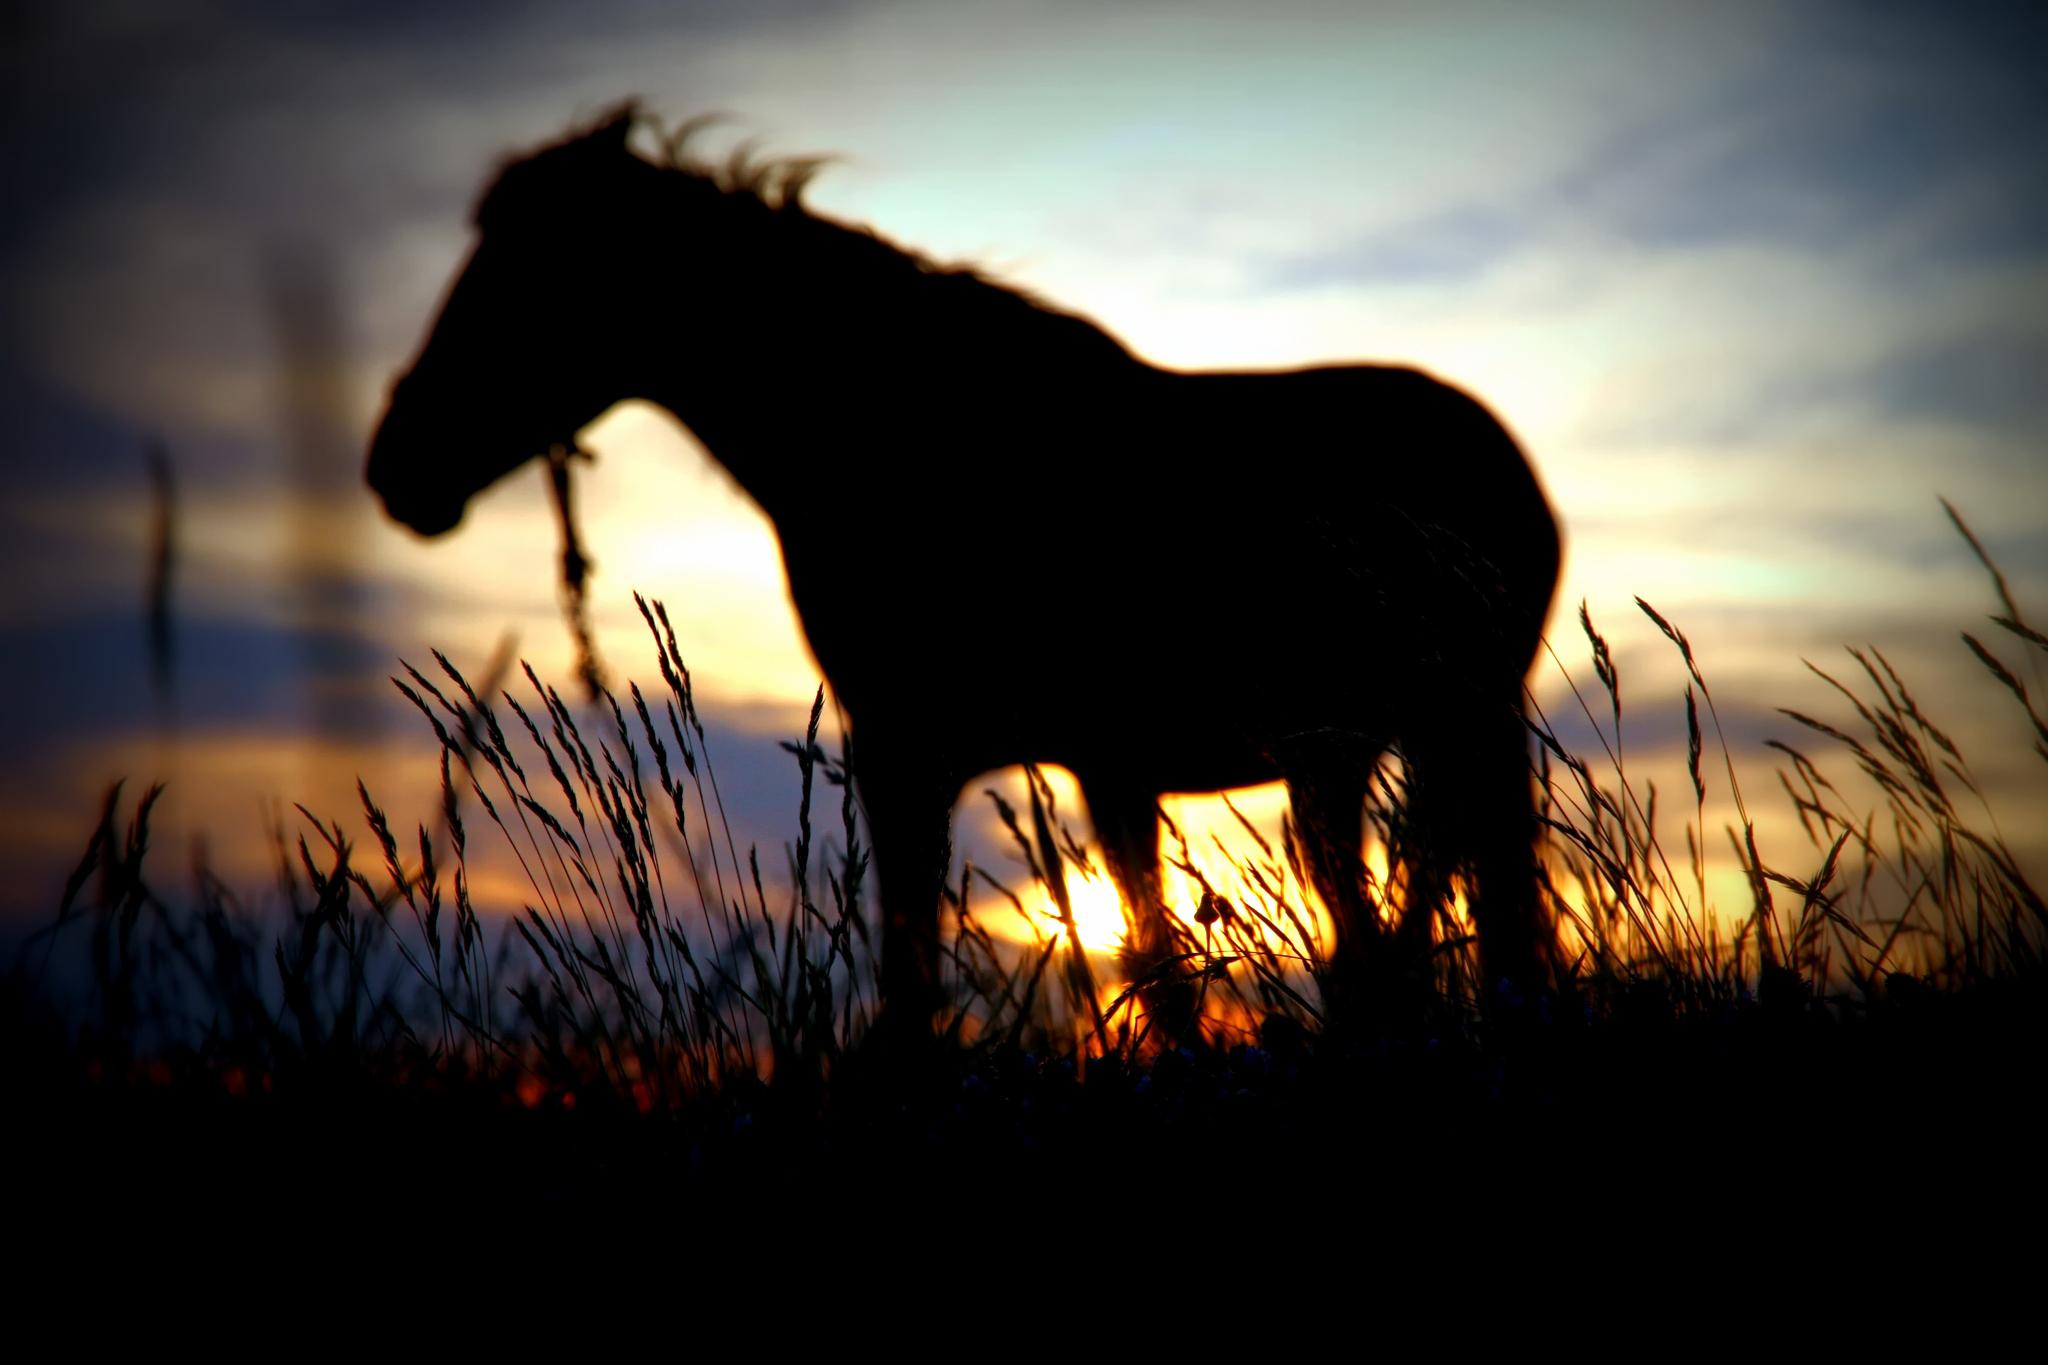 лошадь, трава, закат  № 2655 загрузить